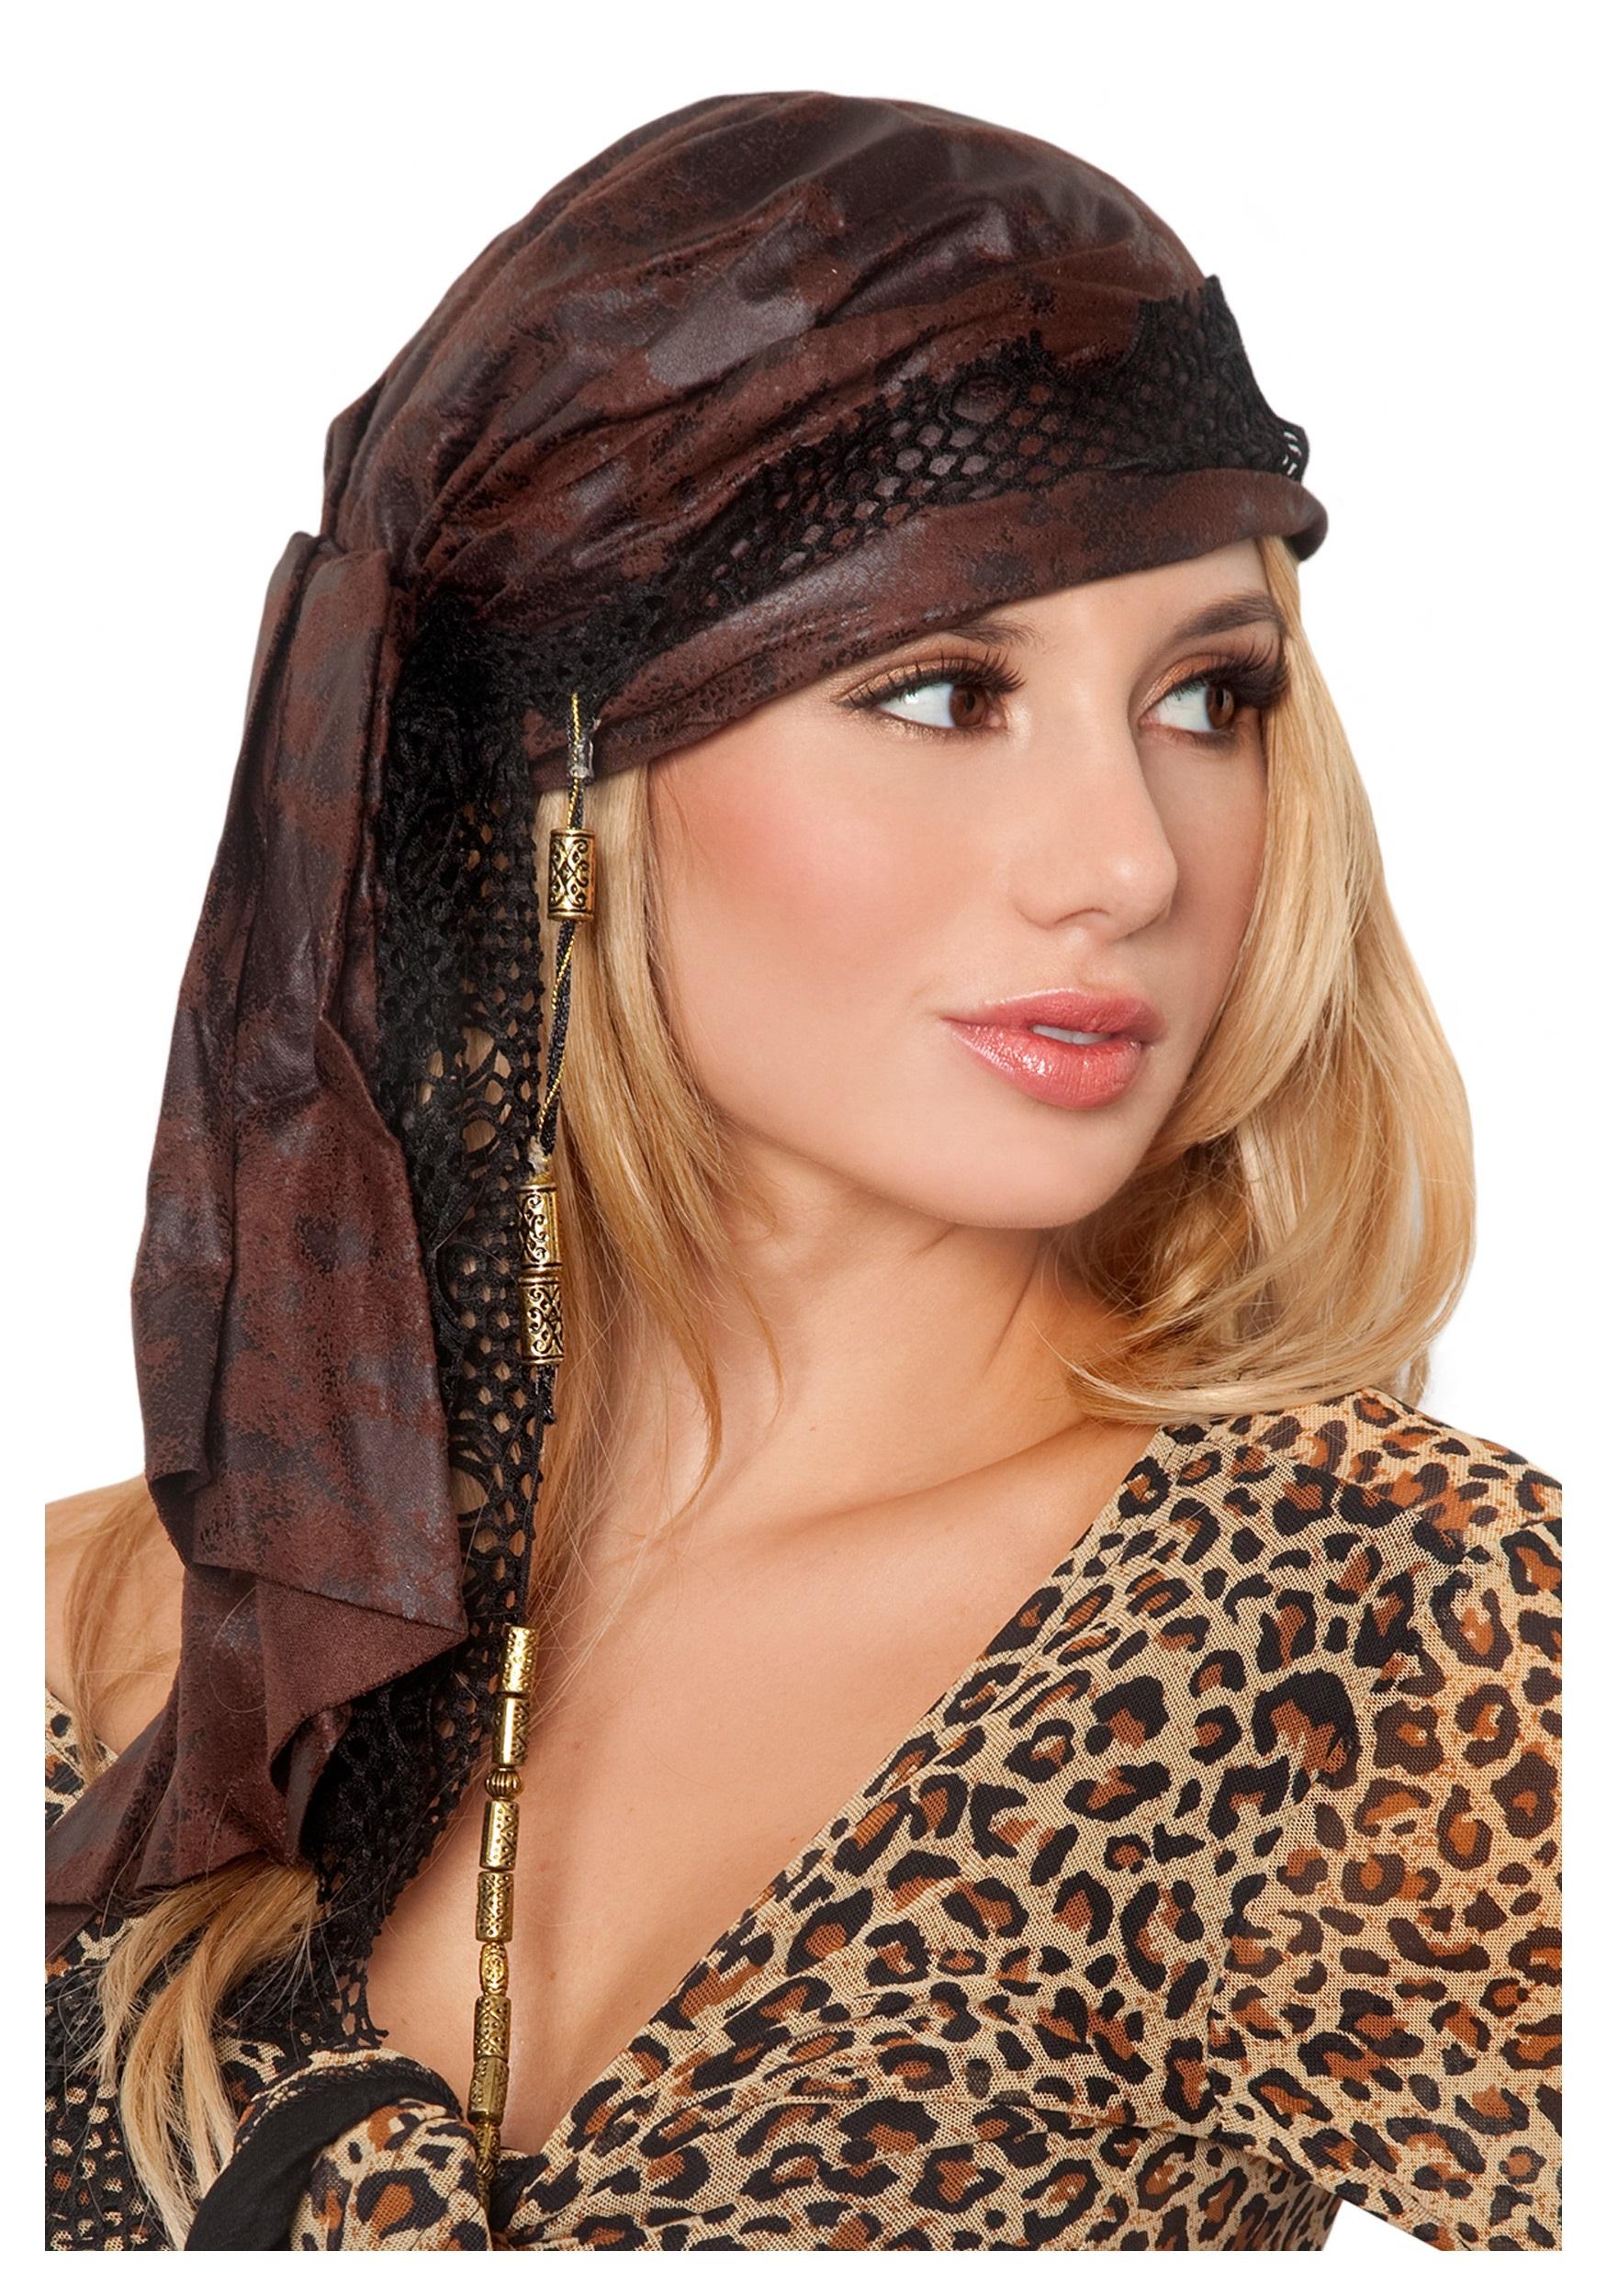 how to make a pirate head bandana